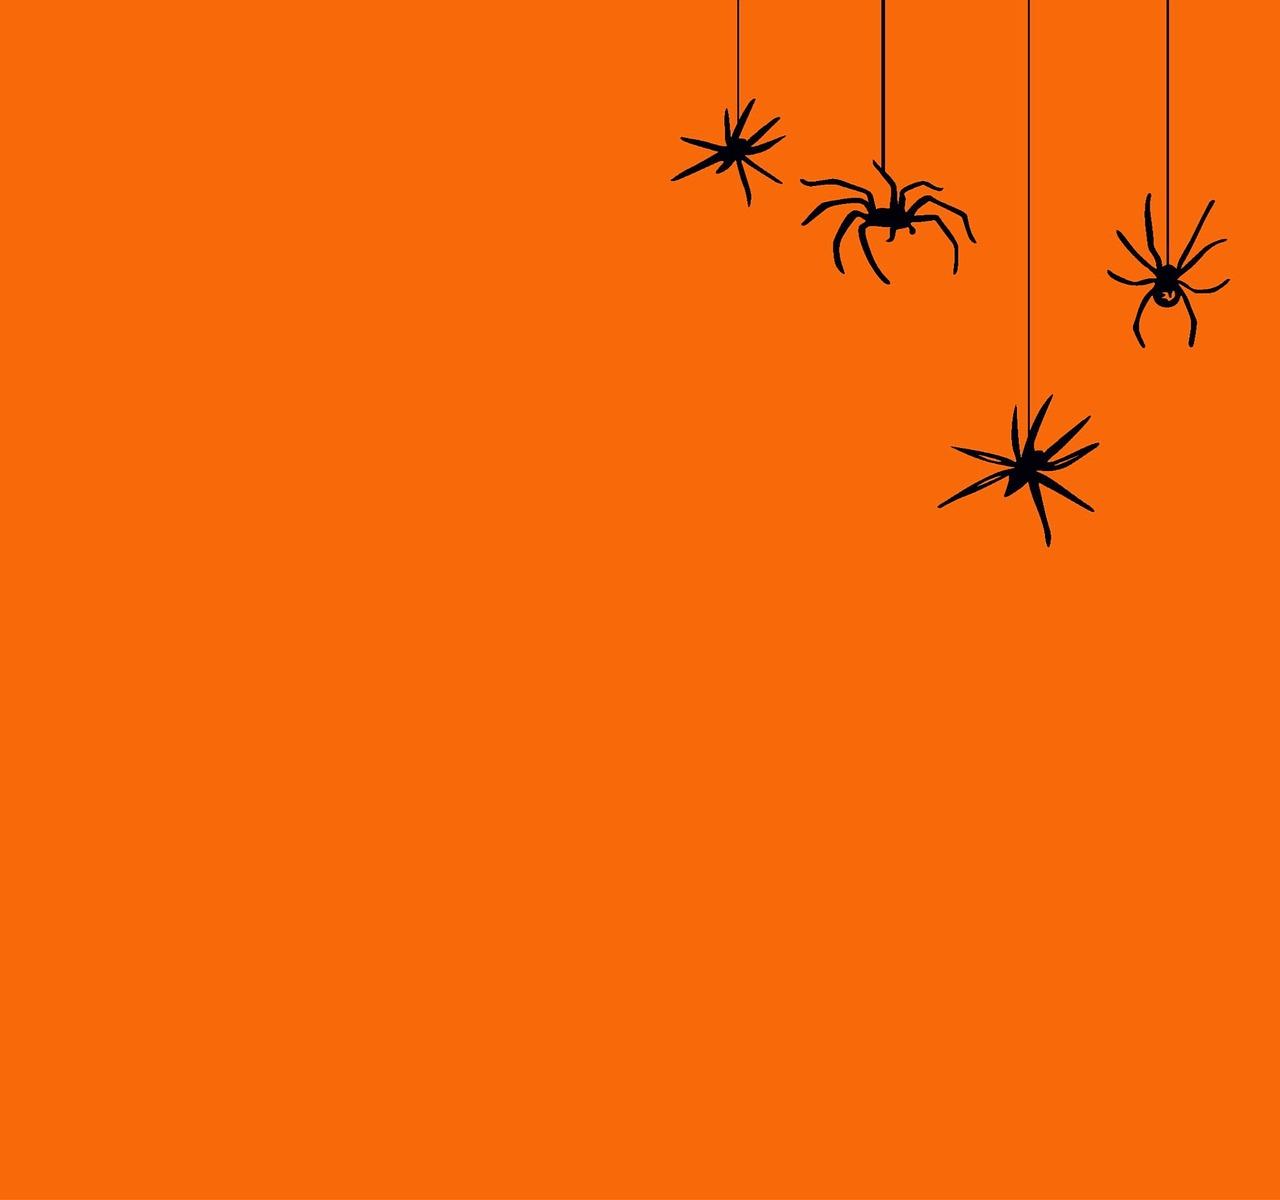 Halloween Background Orange Free Image On Pixabay